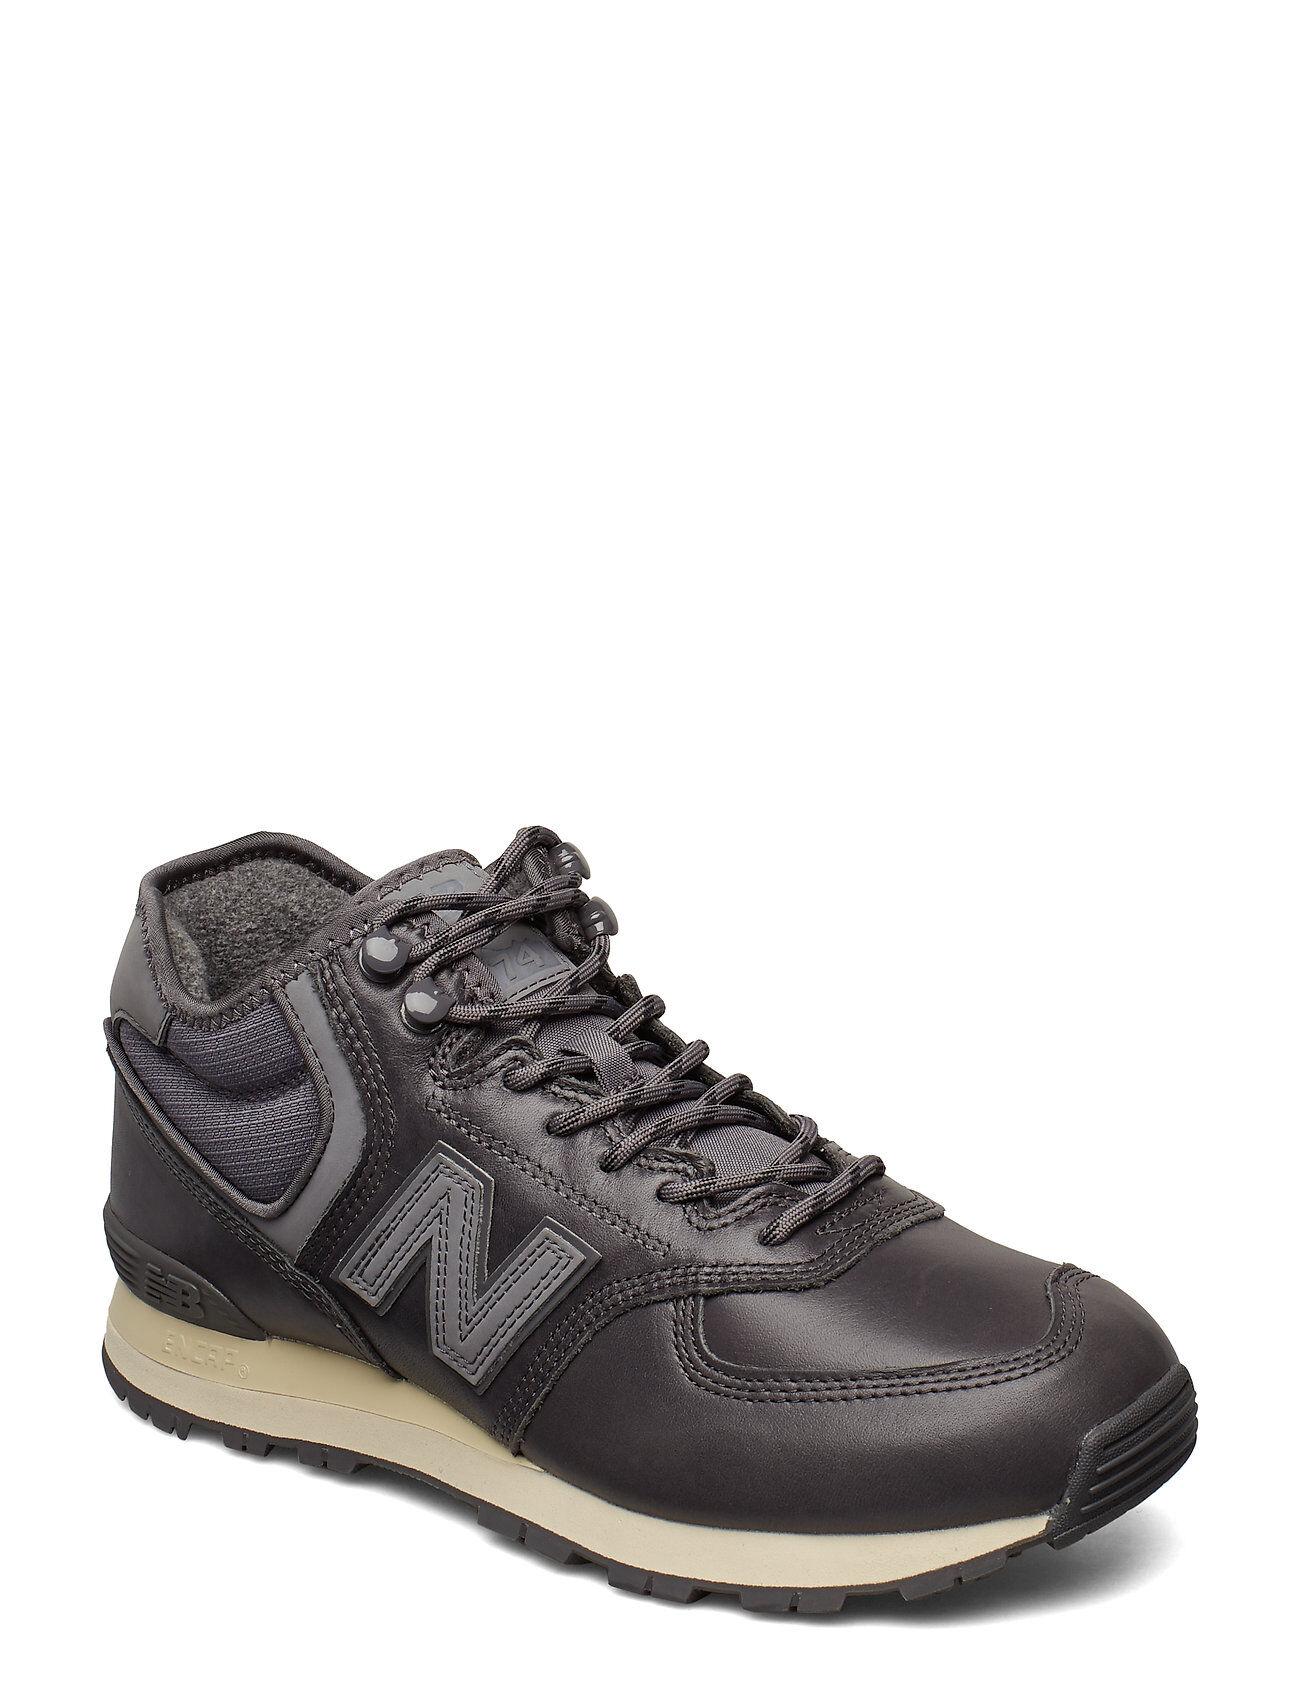 New Balance Mh574oaa Matalavartiset Sneakerit Tennarit Harmaa New Balance